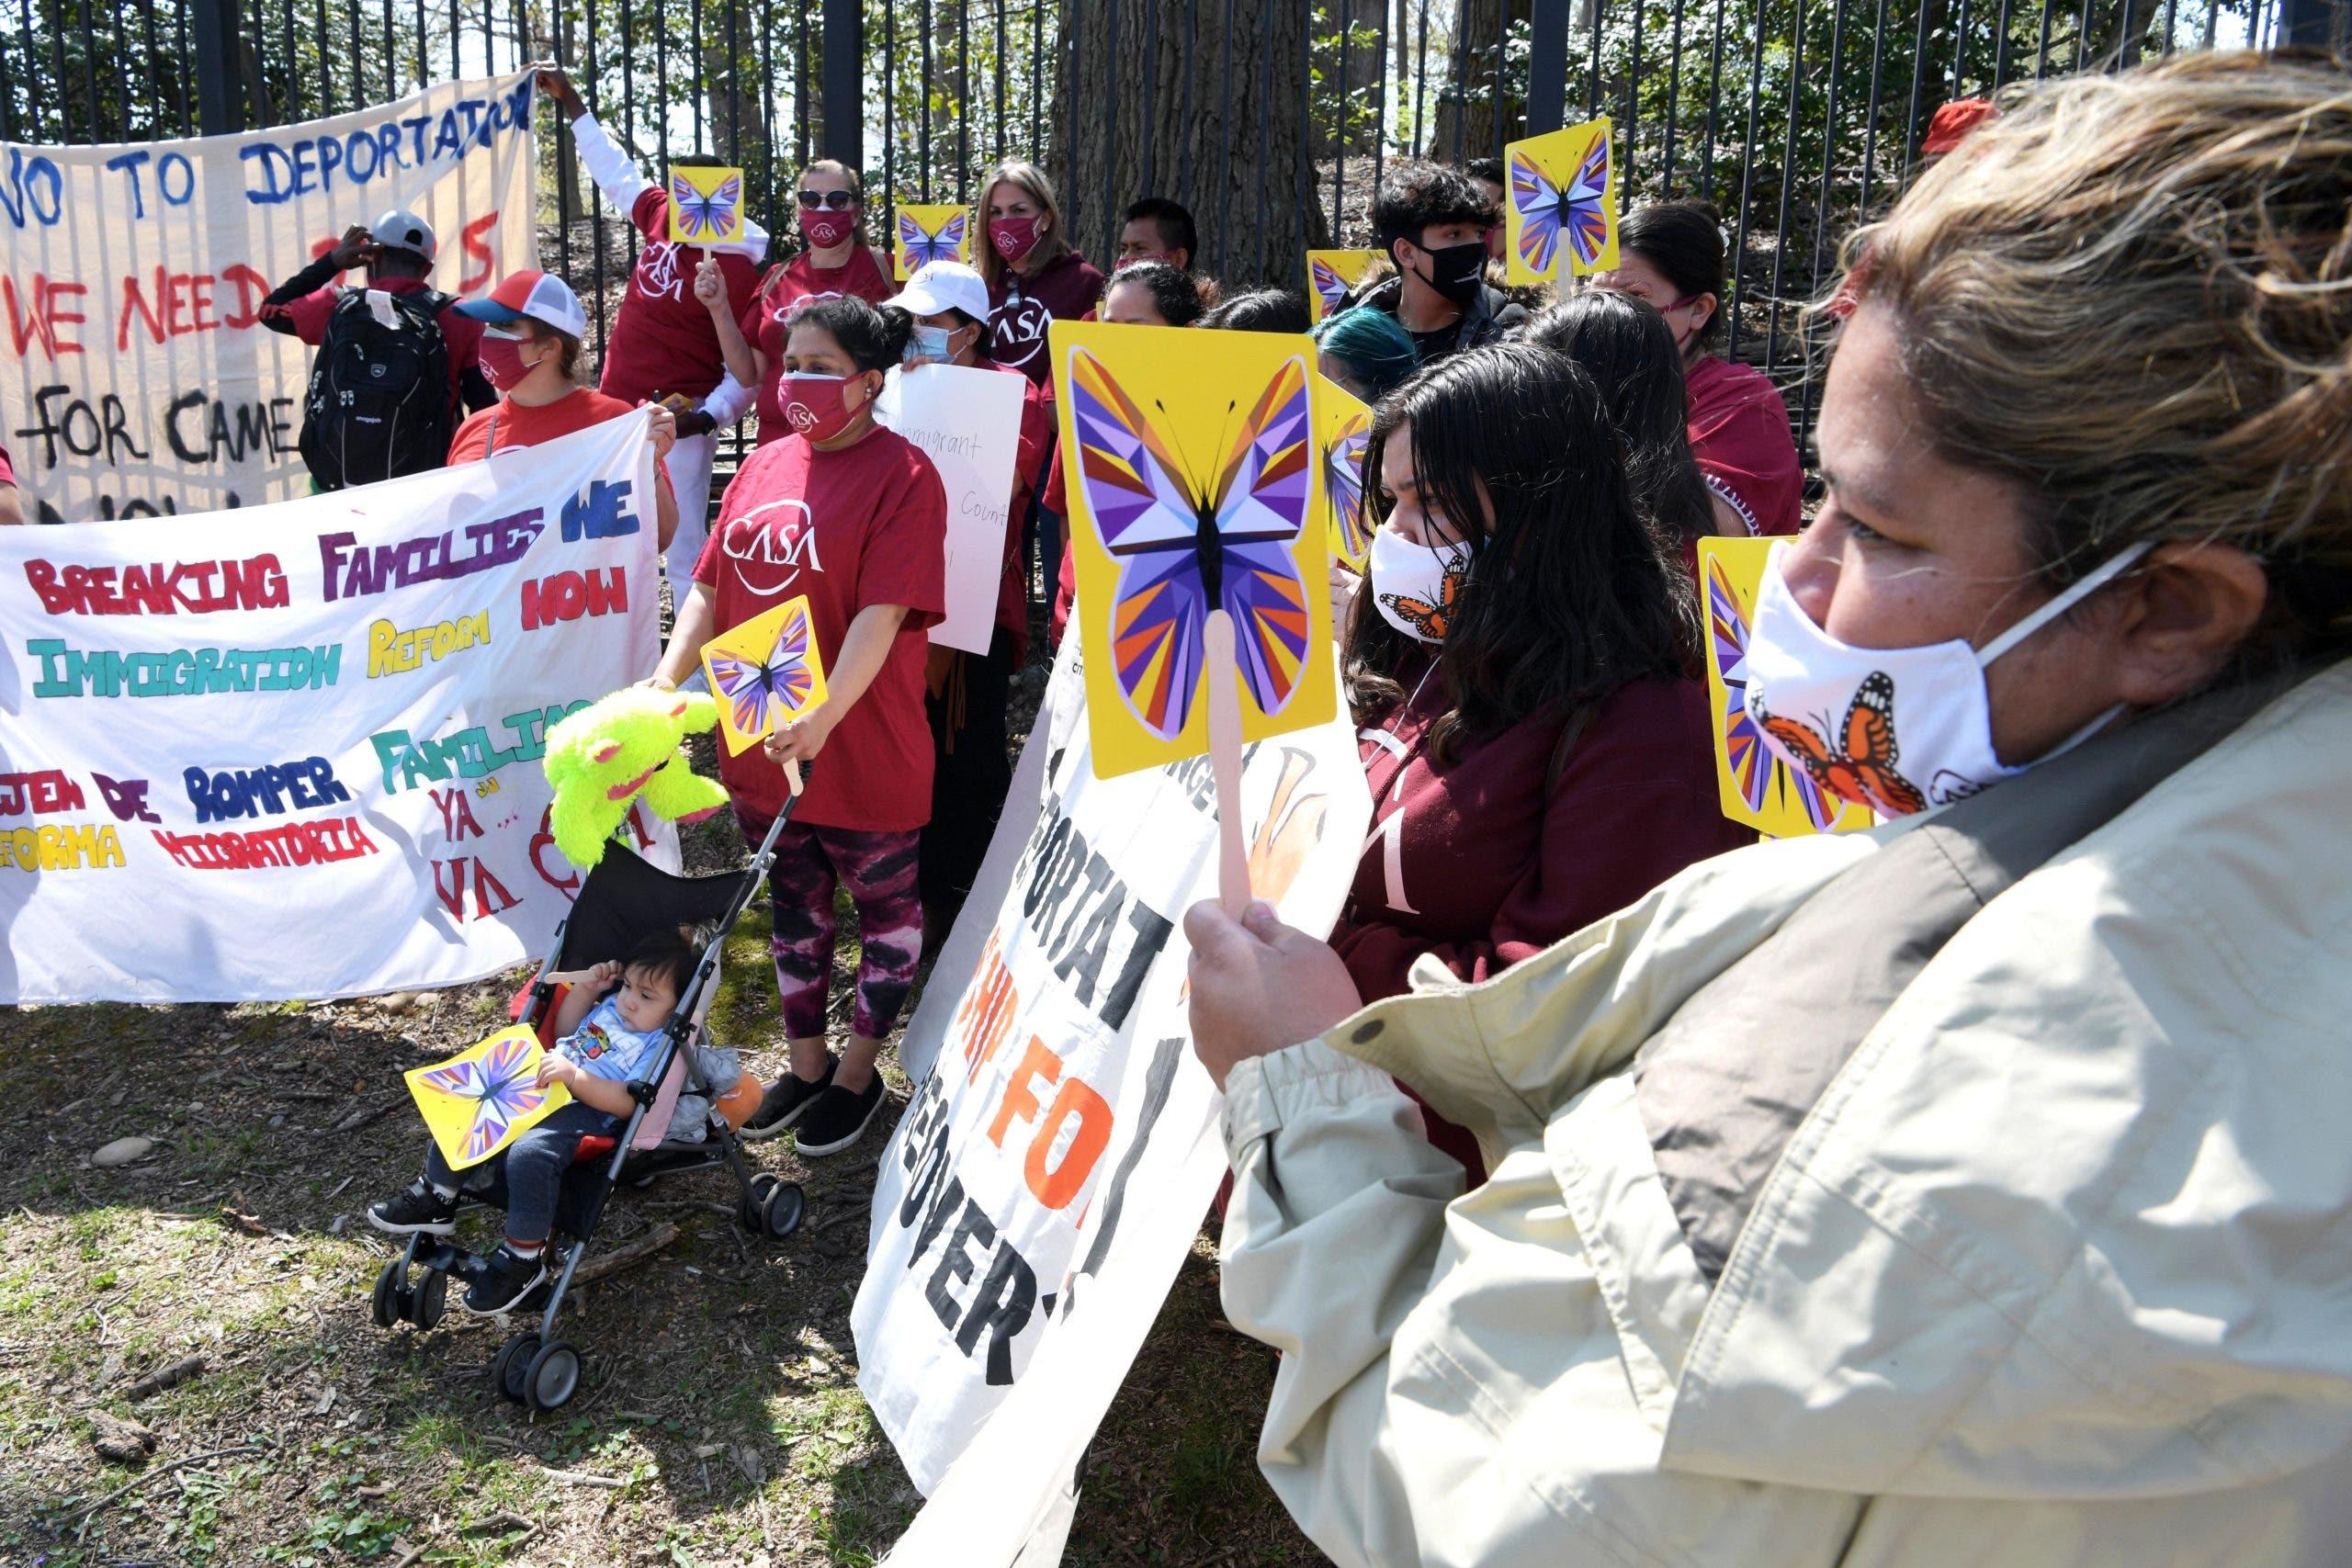 Inmigrantes se manifiestan frente a la casa de Kamala Harris para pedir ayuda